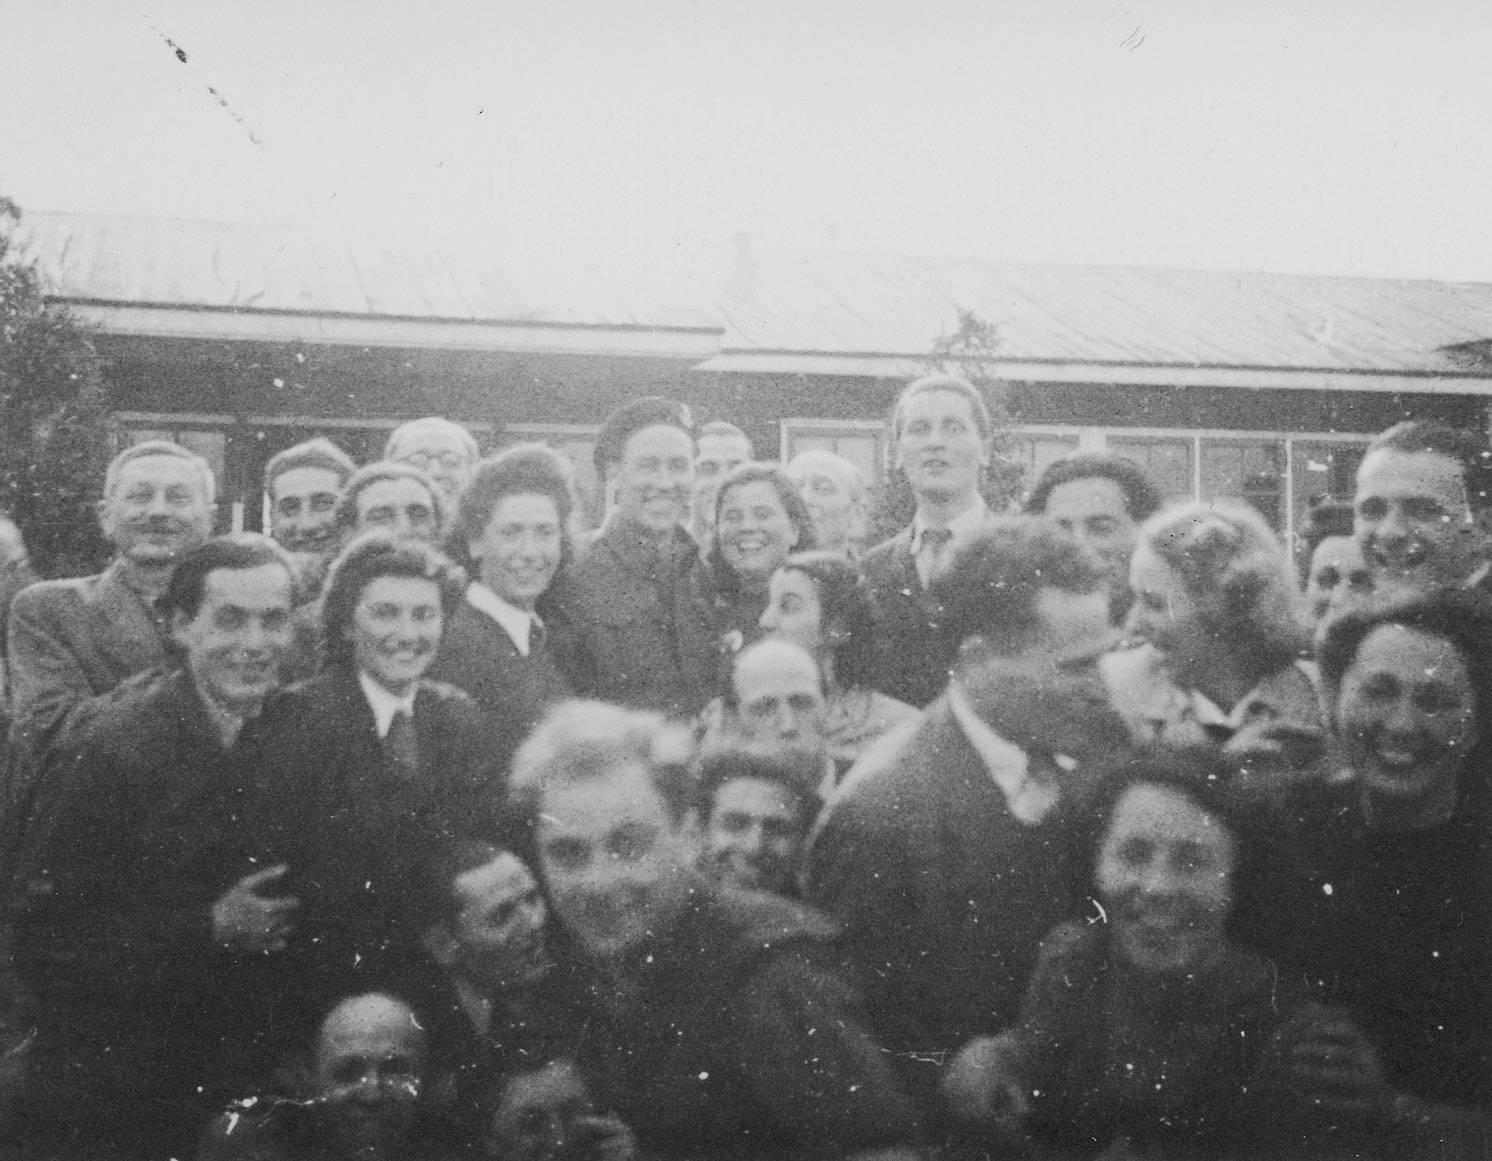 Kamp Westerbork, 12 april 1945.